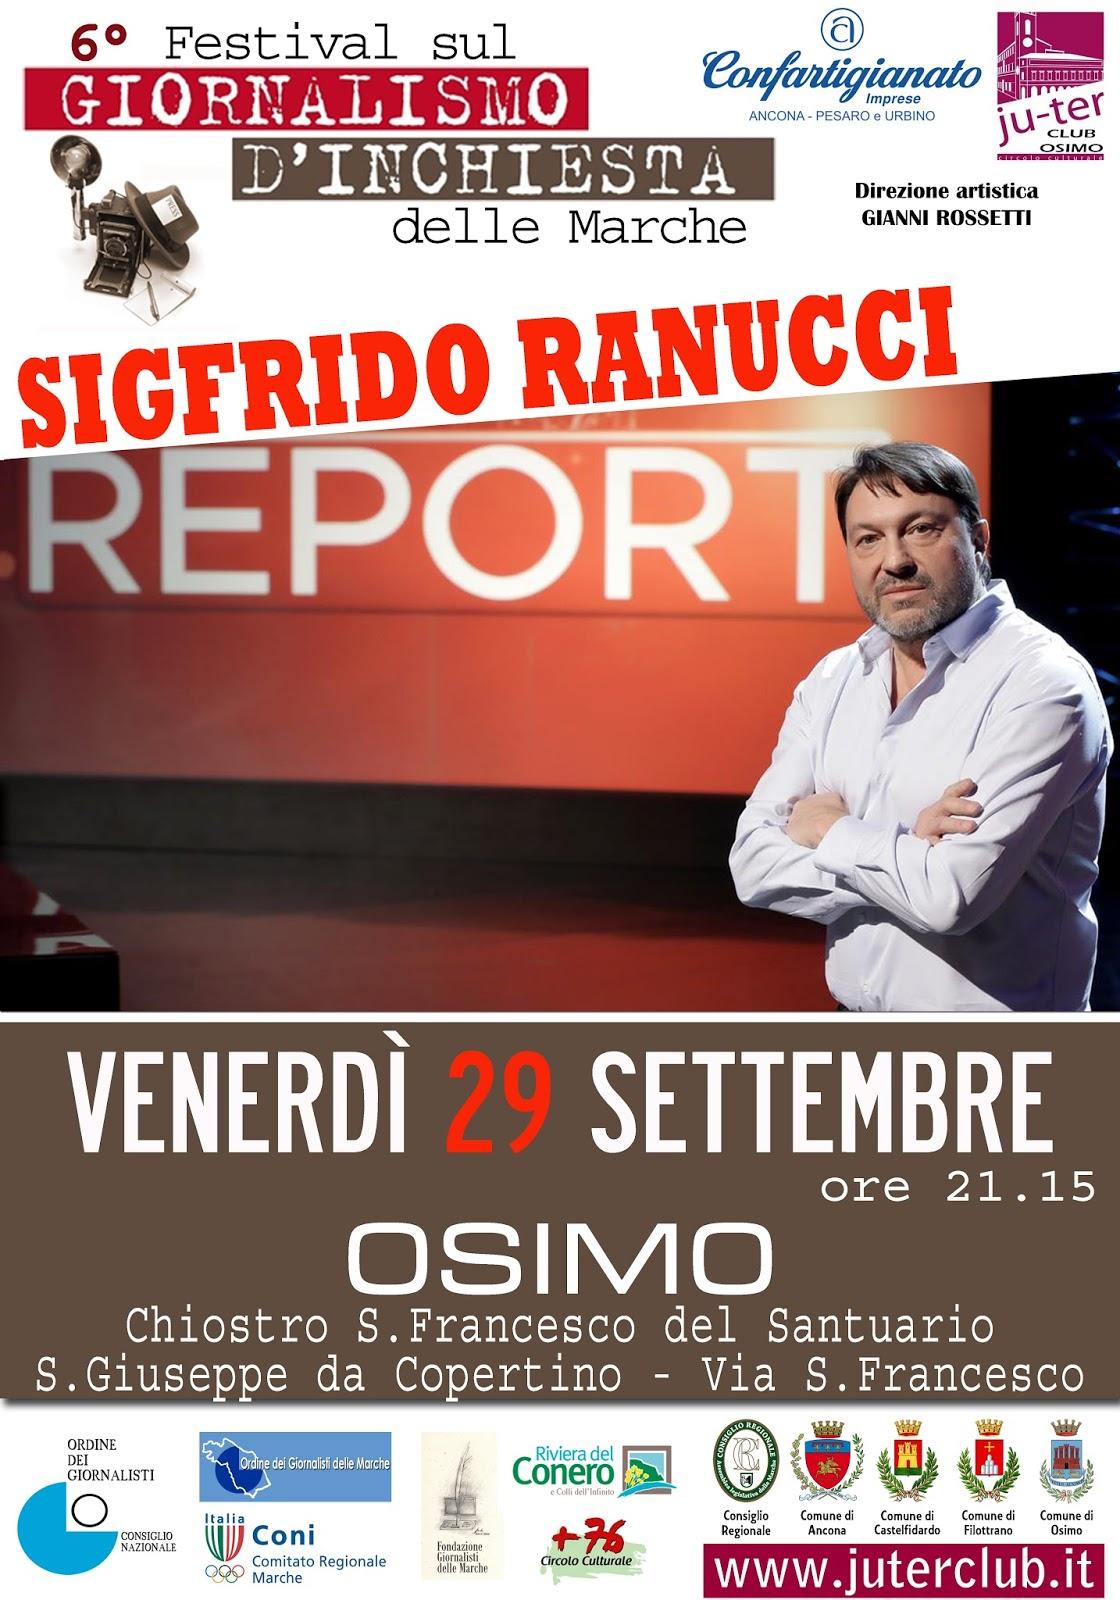 Dal 24 al 30 settembre nelle Marche c'è il Festival del giornalismo d'inchiesta